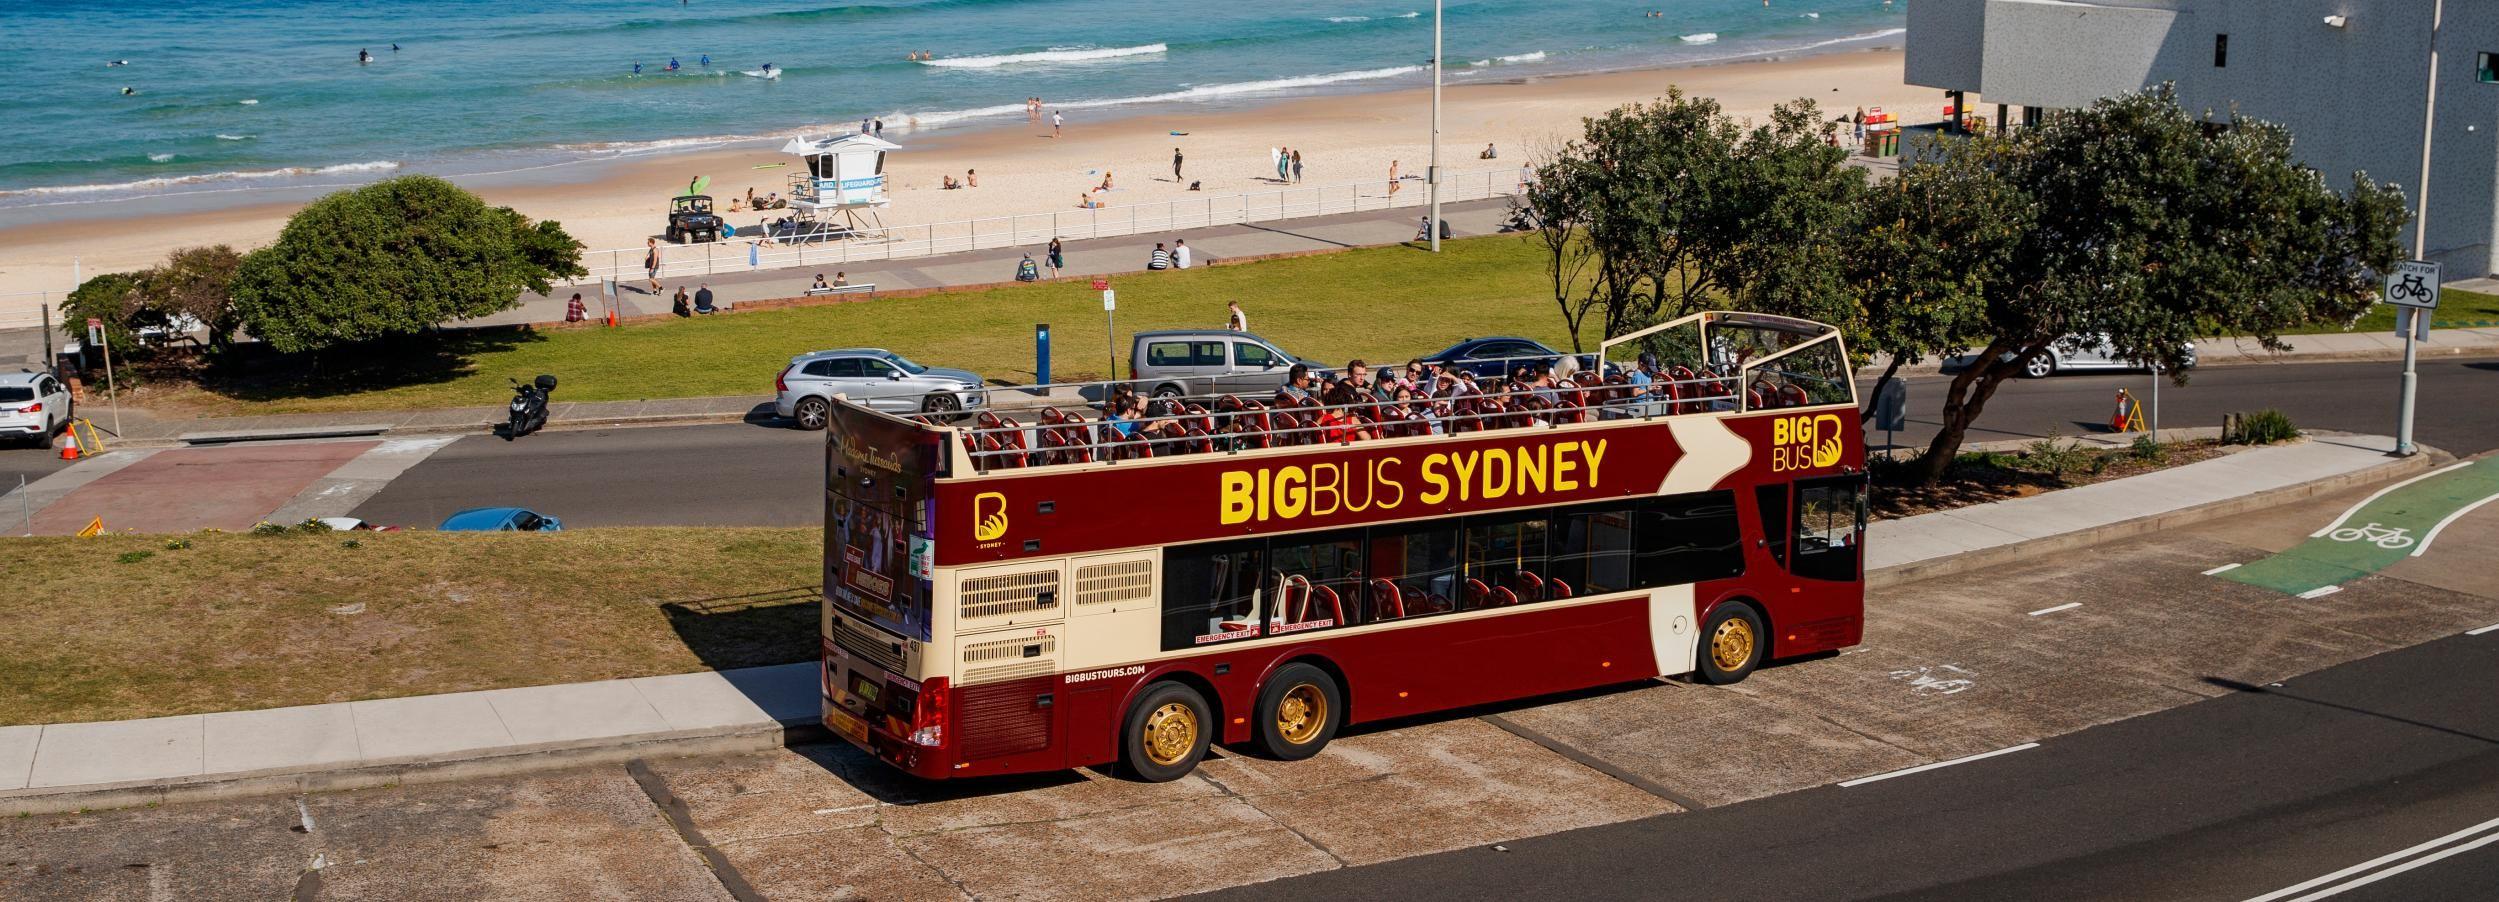 Sydney: pass per autobus turistico, crociera e attrazioni